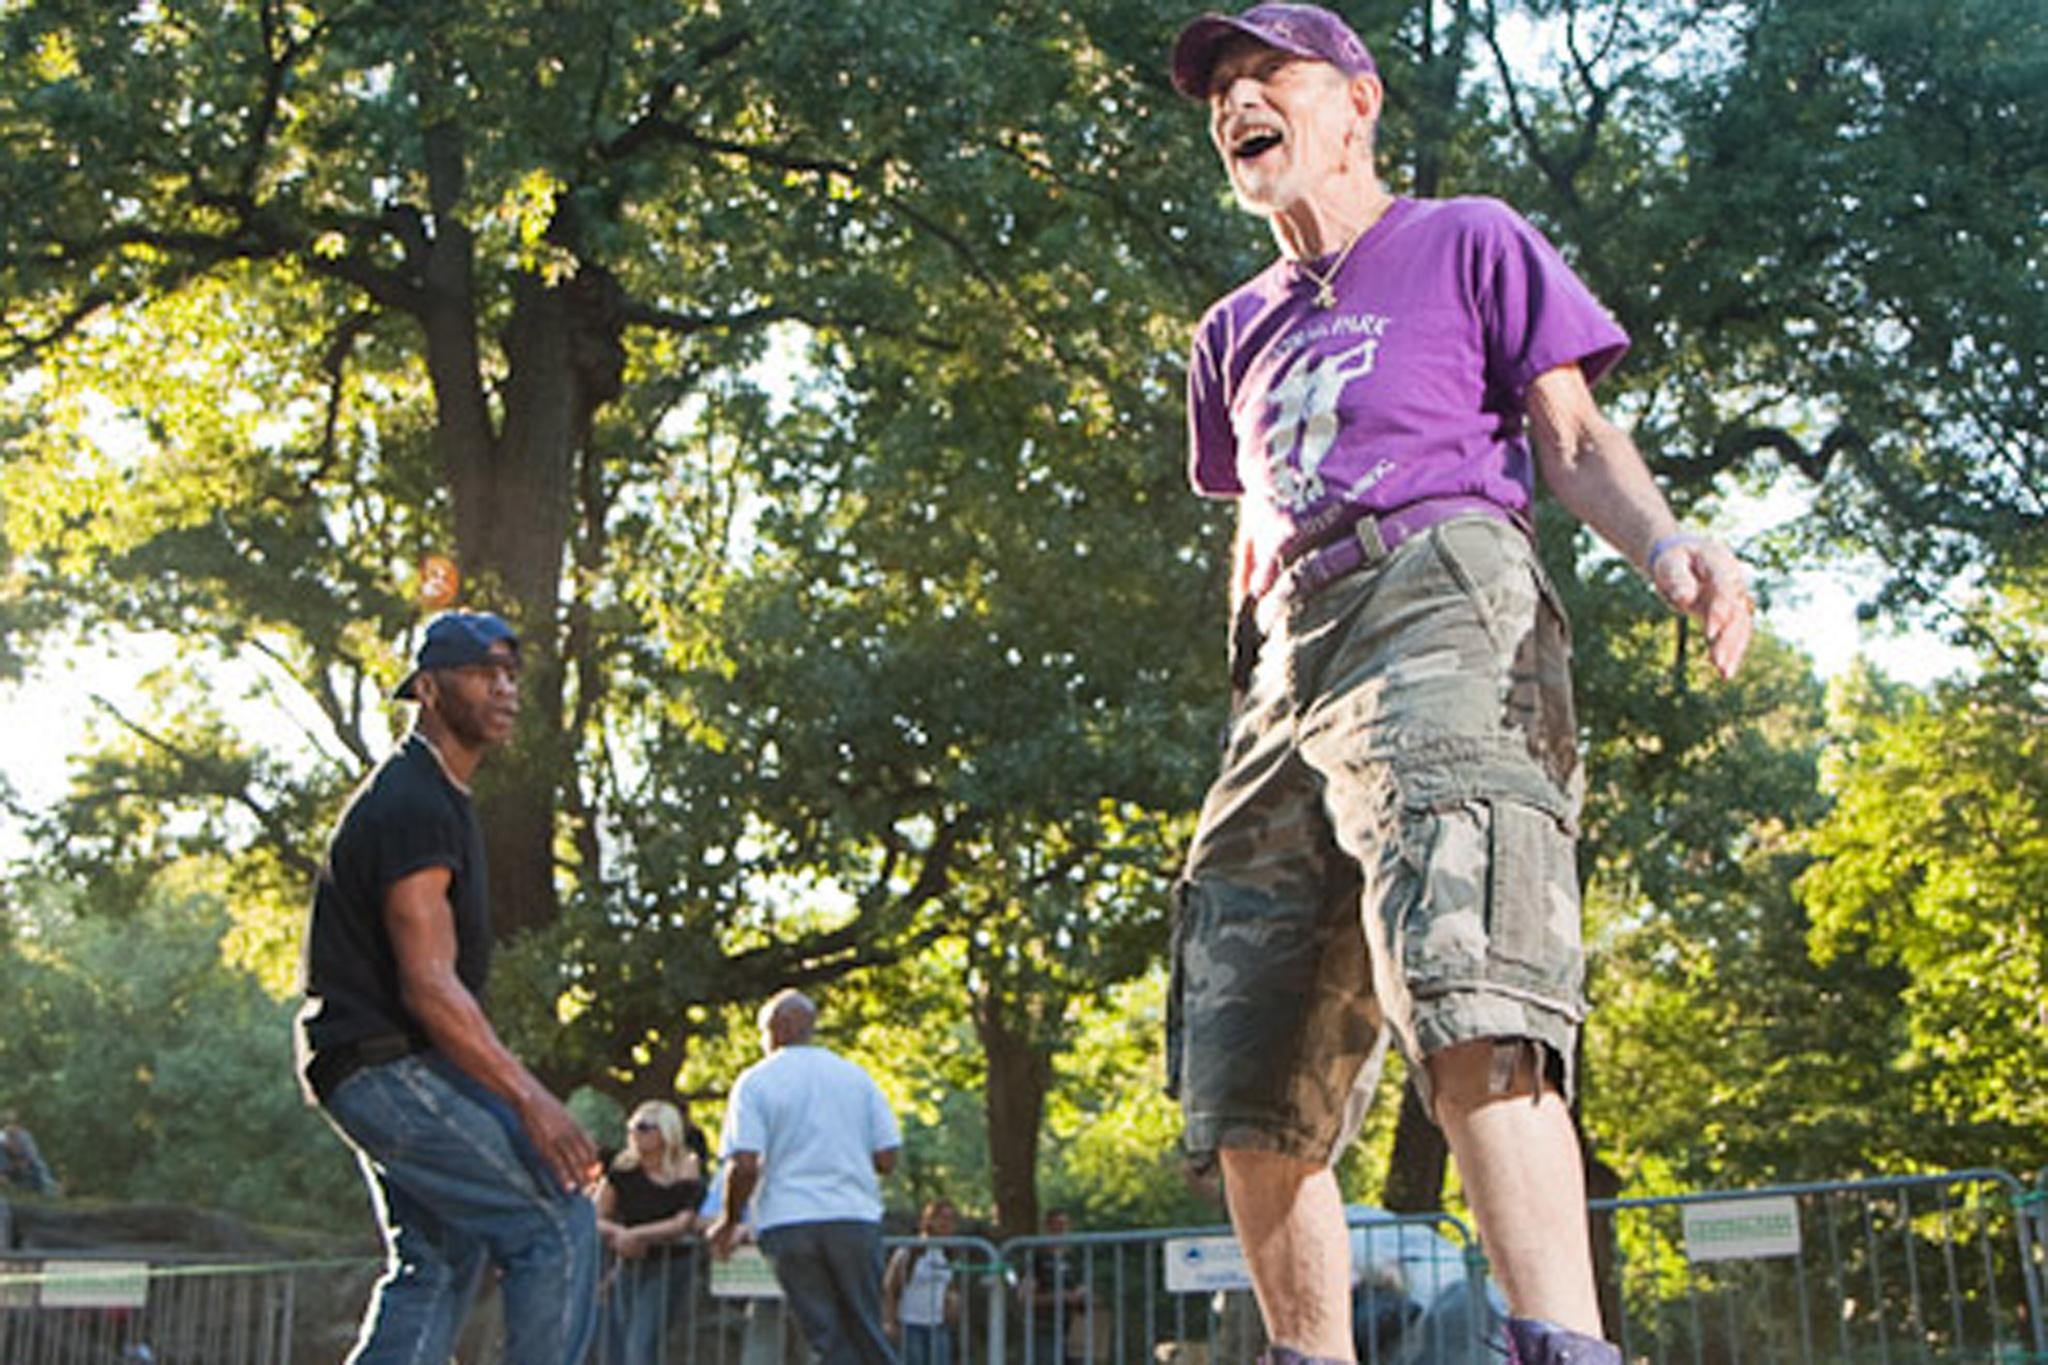 849.twny.42Central_Park_Dance_Skaters.jpg